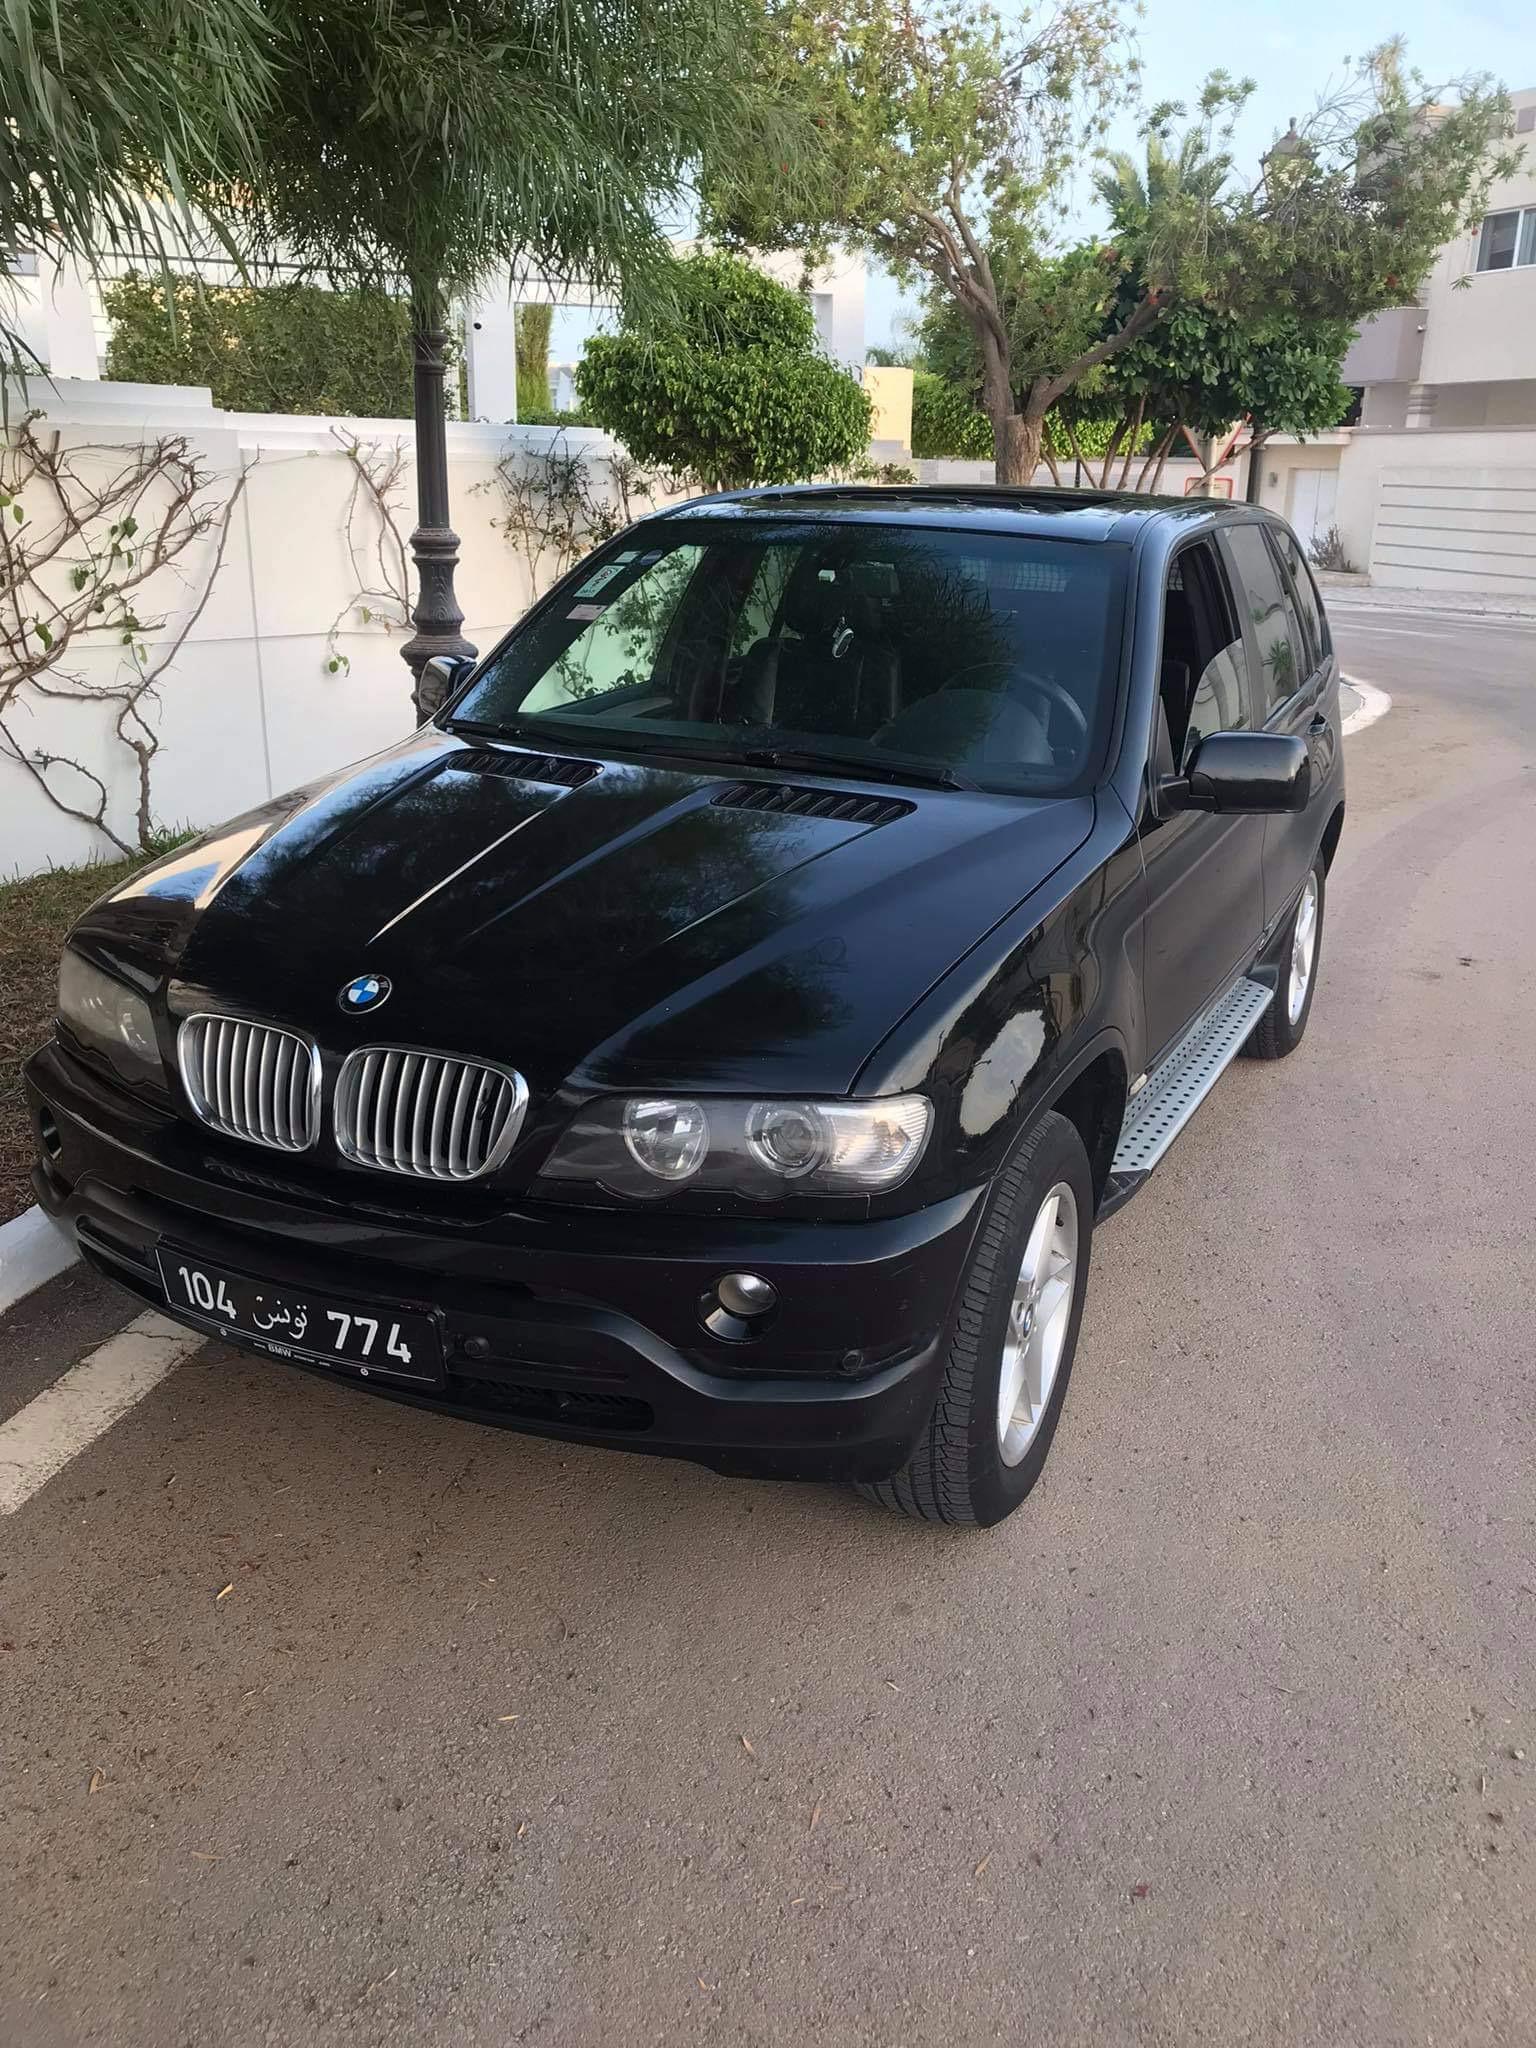 vente voiture occasion tunisie bmw x5